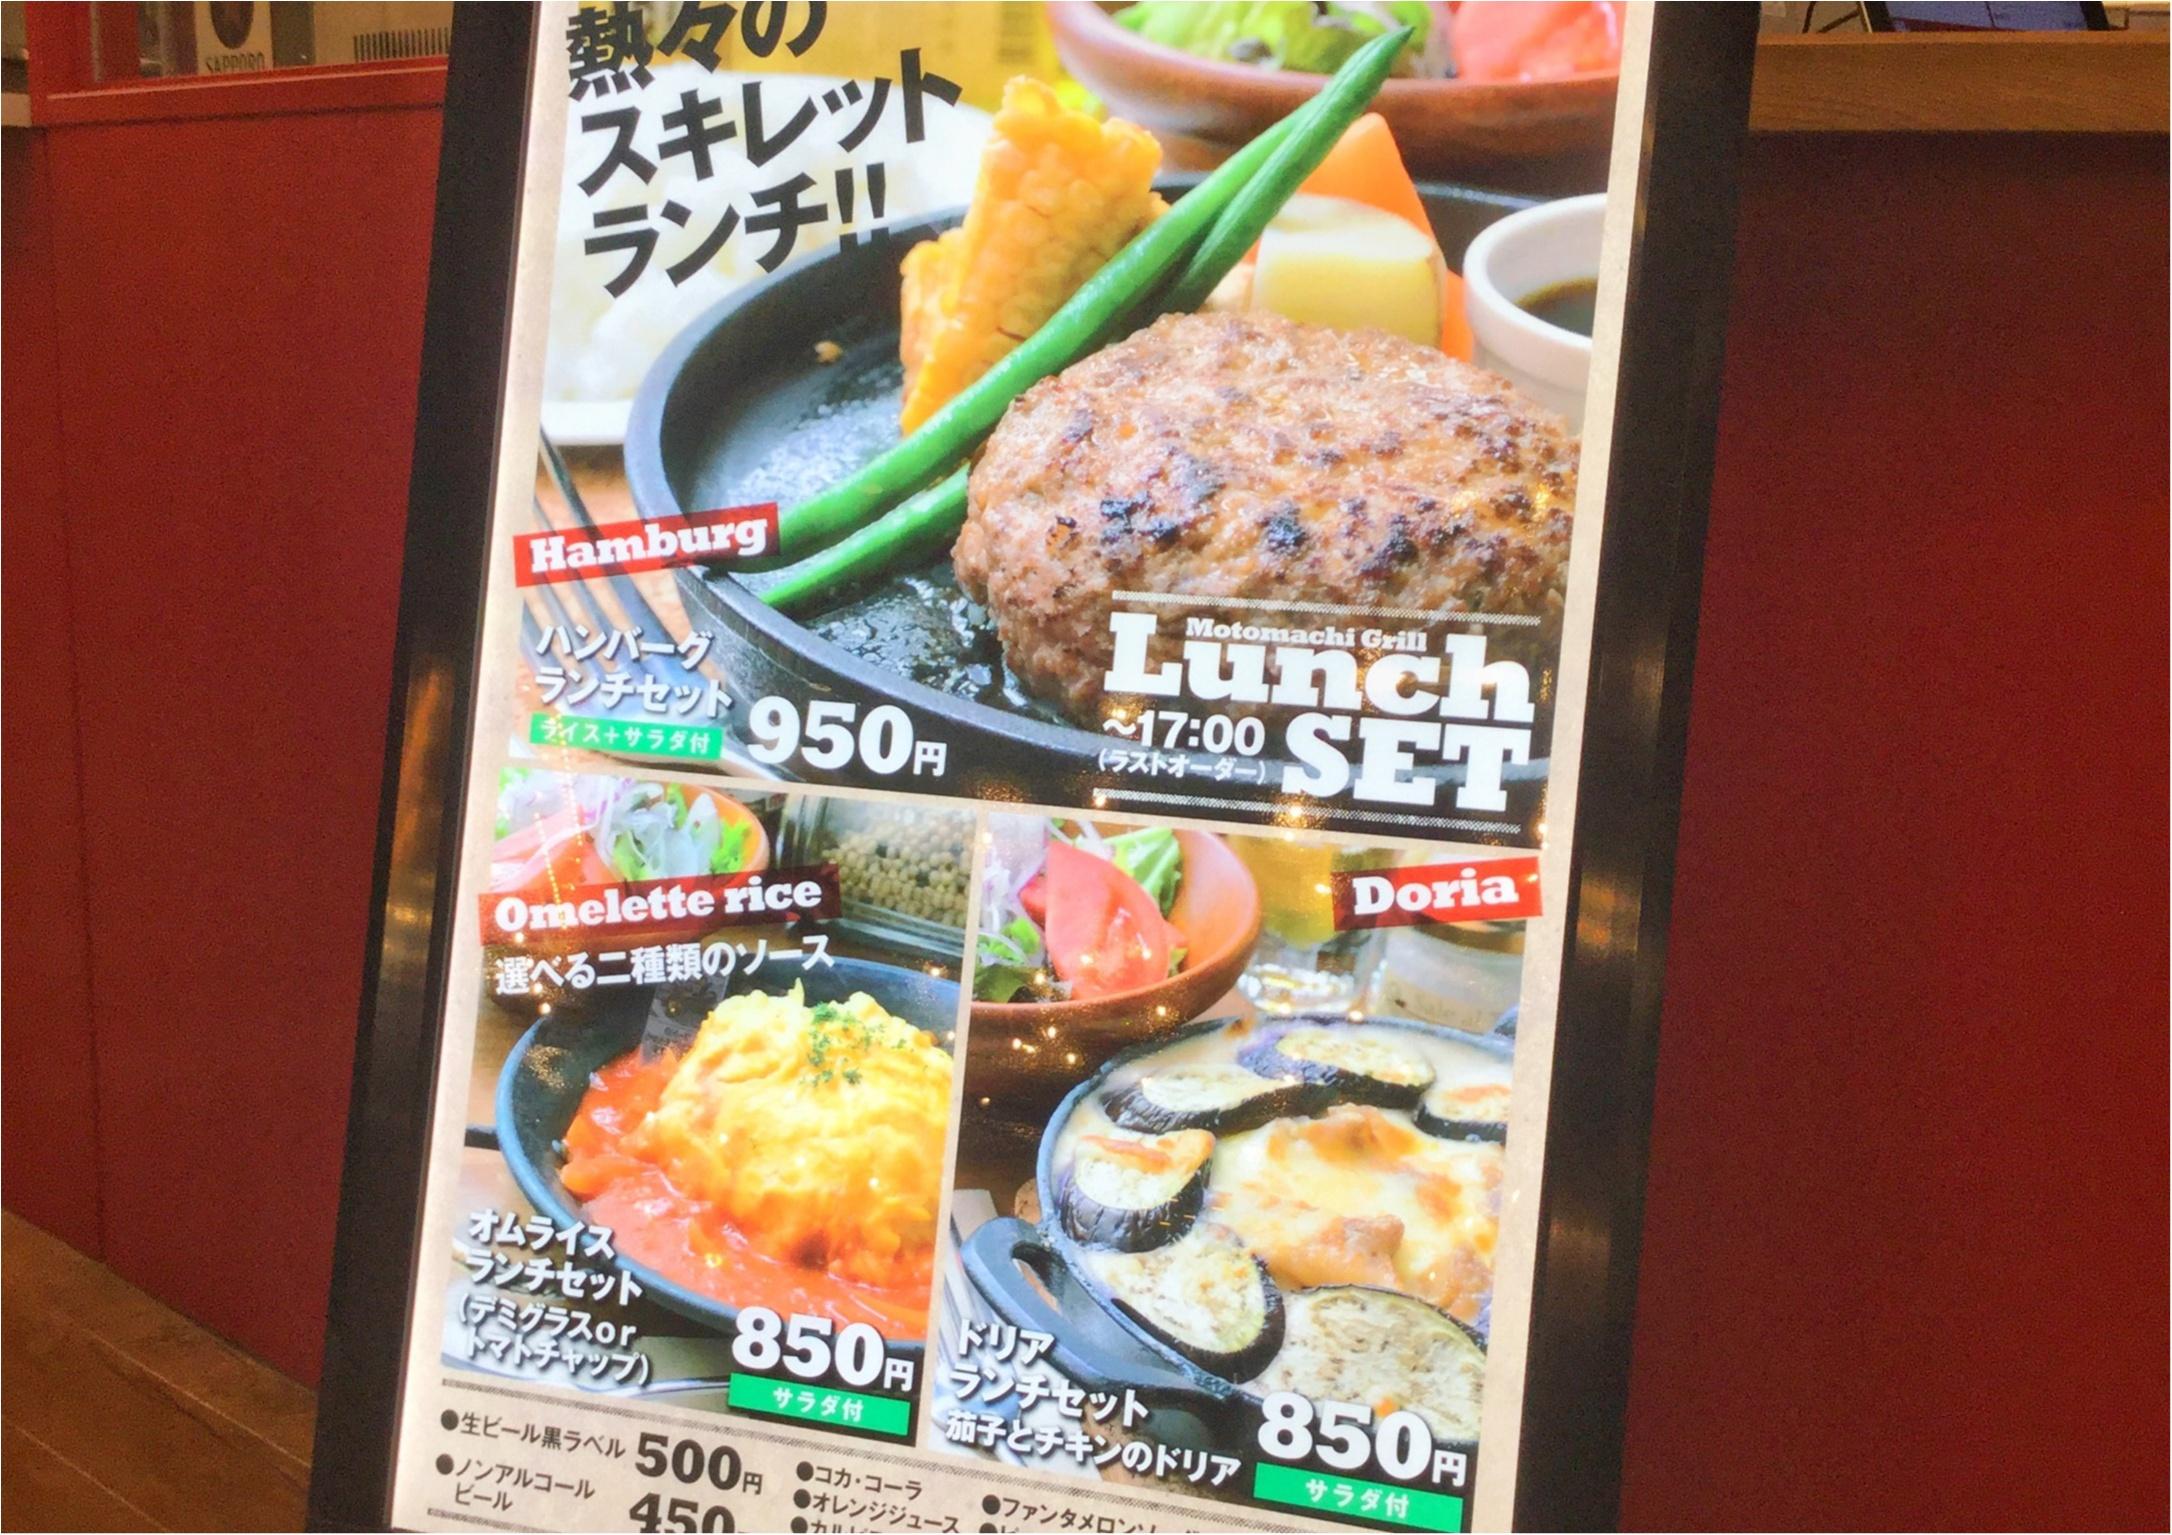 4/27広島バスセンターが変わります!《バスマチ FOOD  HALL》がグランドオープン♡美味しいご飯を食べた後は、広島ならではの手土産も買って帰りませんか?_2